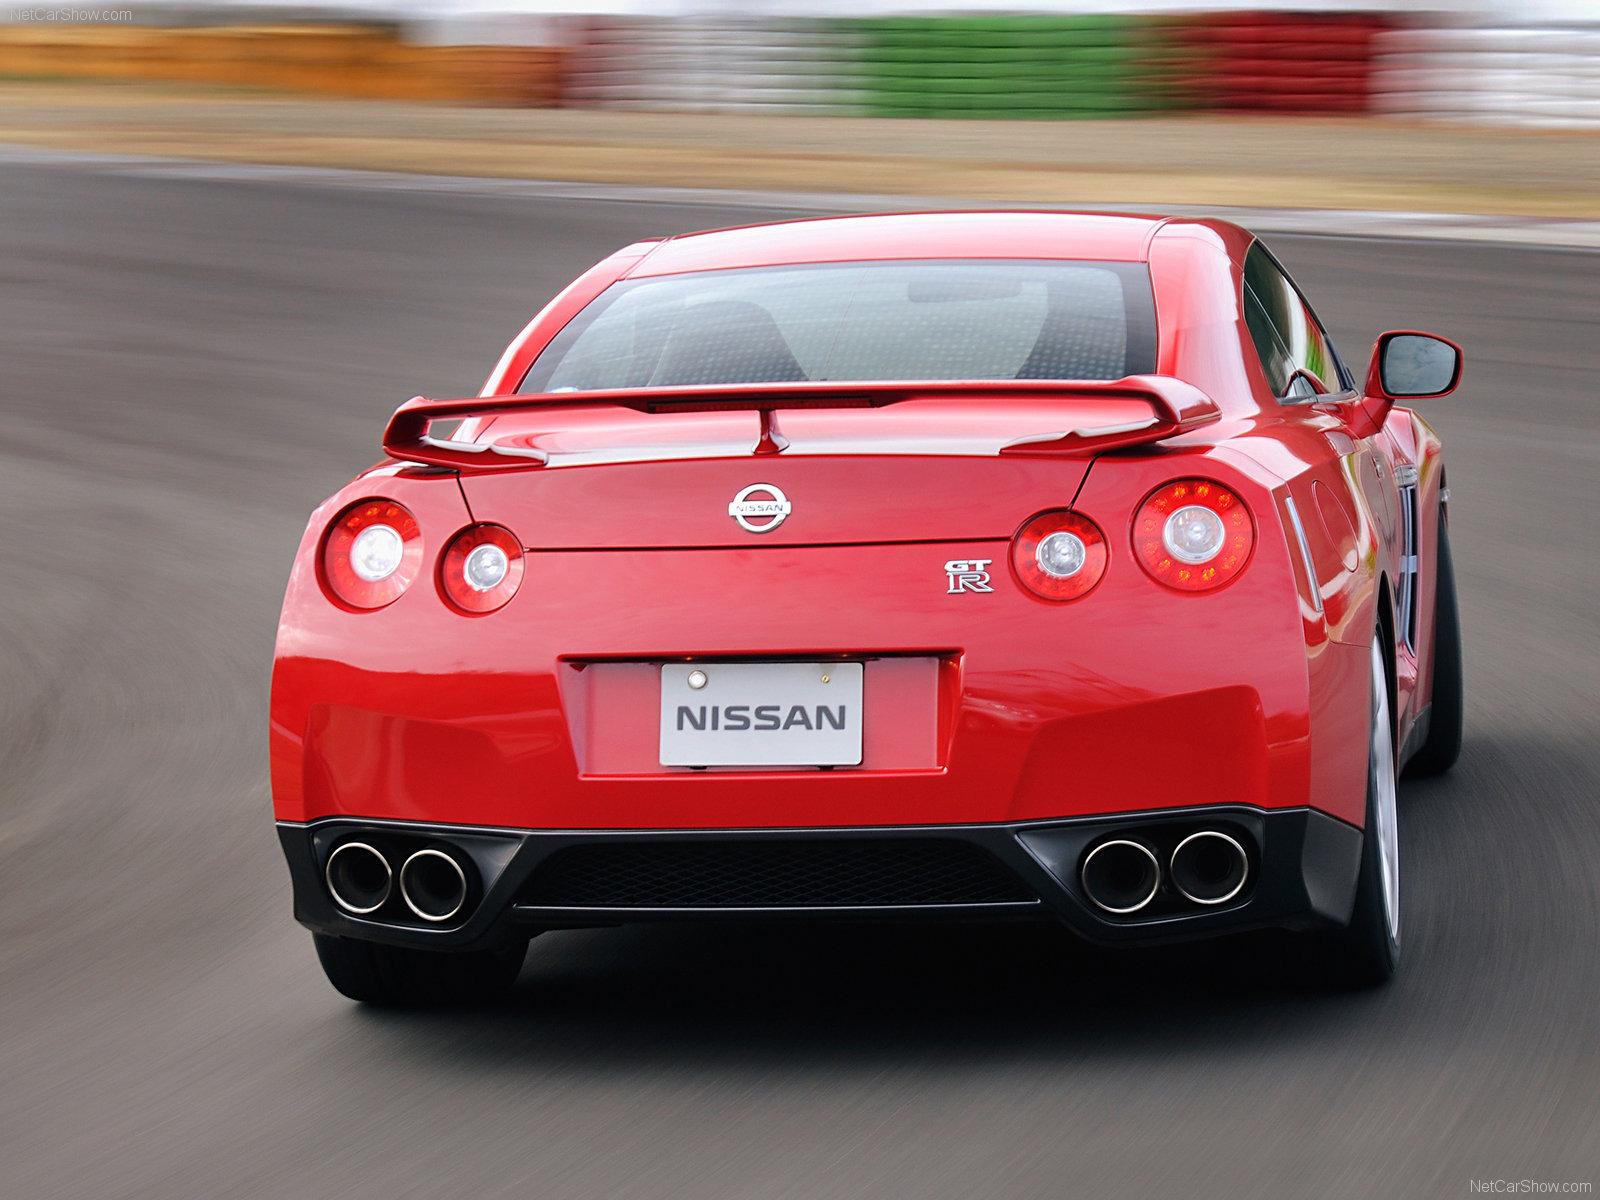 Nissan GT R 2008 1600 x 1200 wallpaper 1 d